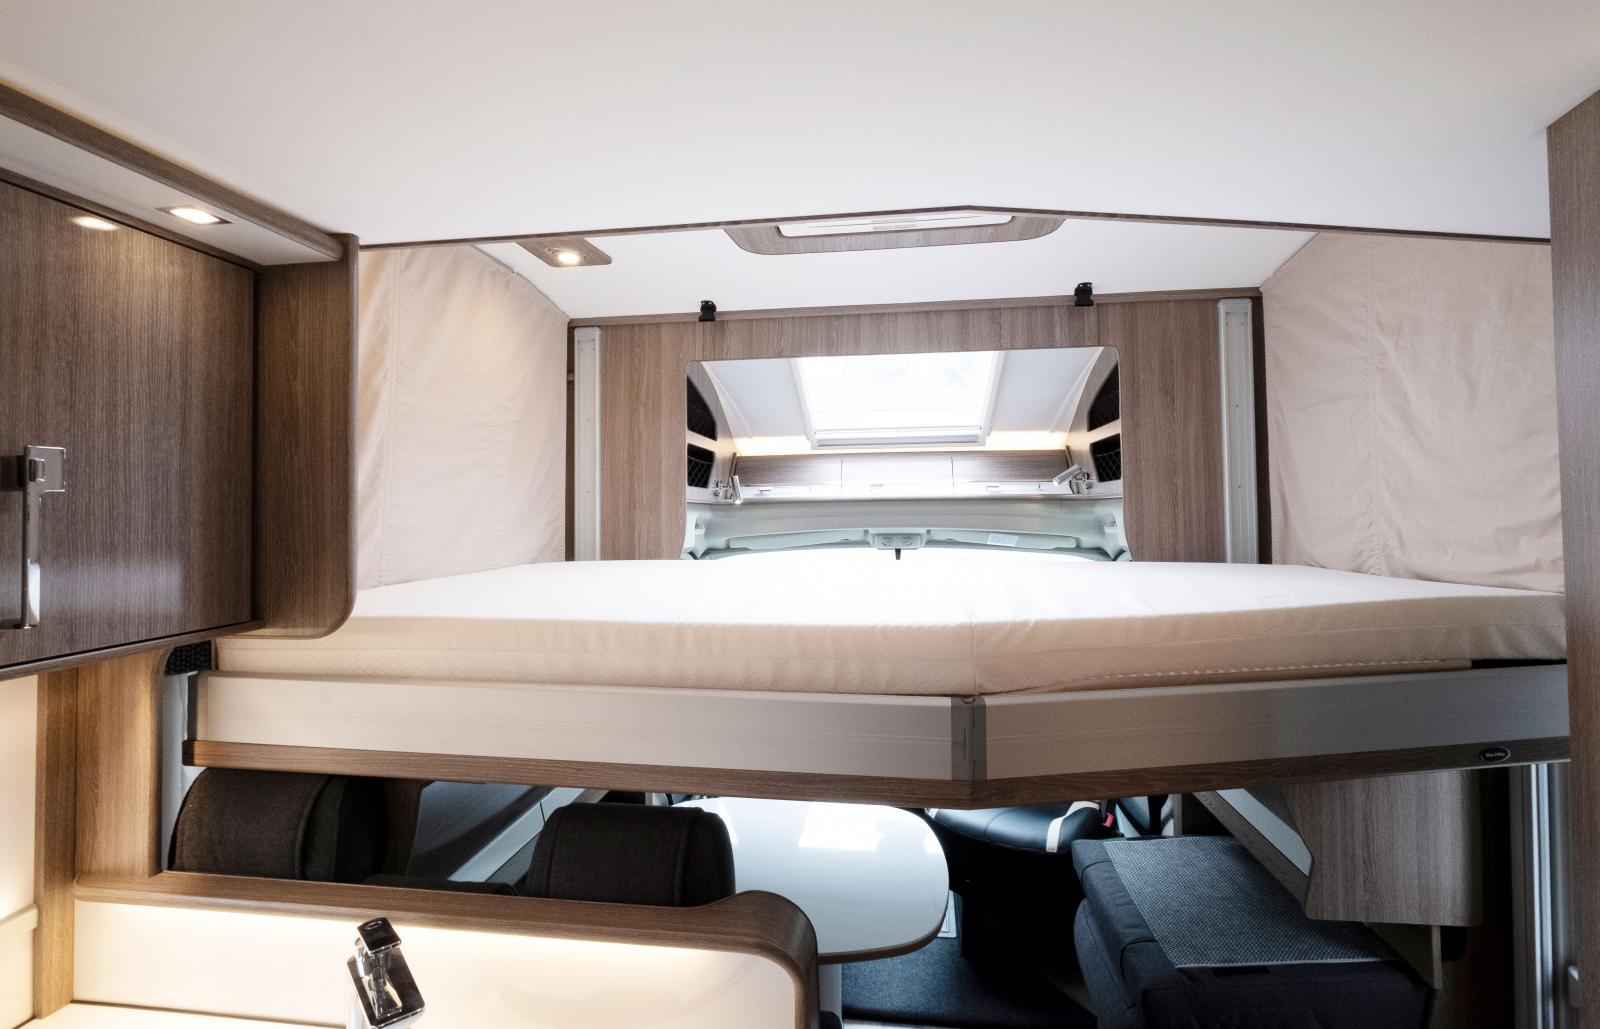 Sängen längst bak är riktigt bred för att vara i en husbil.